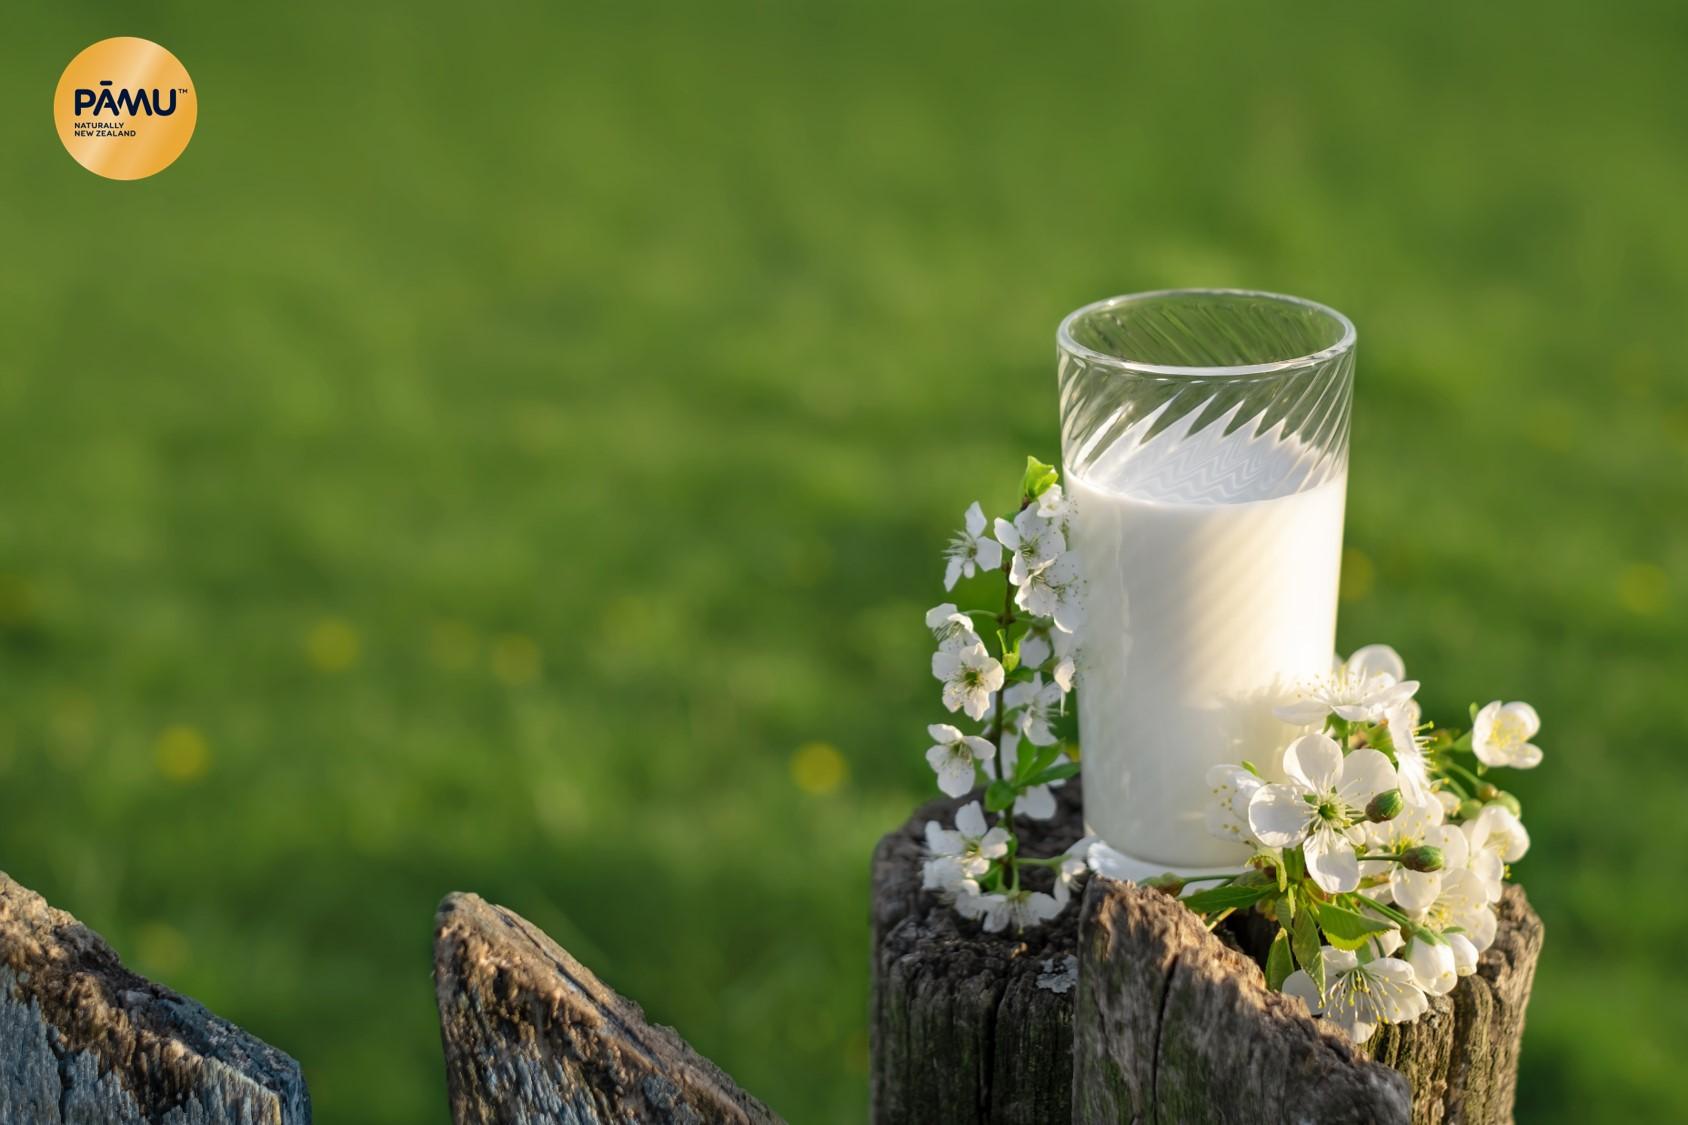 Sữa Hữu Cơ Ngừa Bệnh Tim, Ung Thư và Các Bệnh Mãn Tính